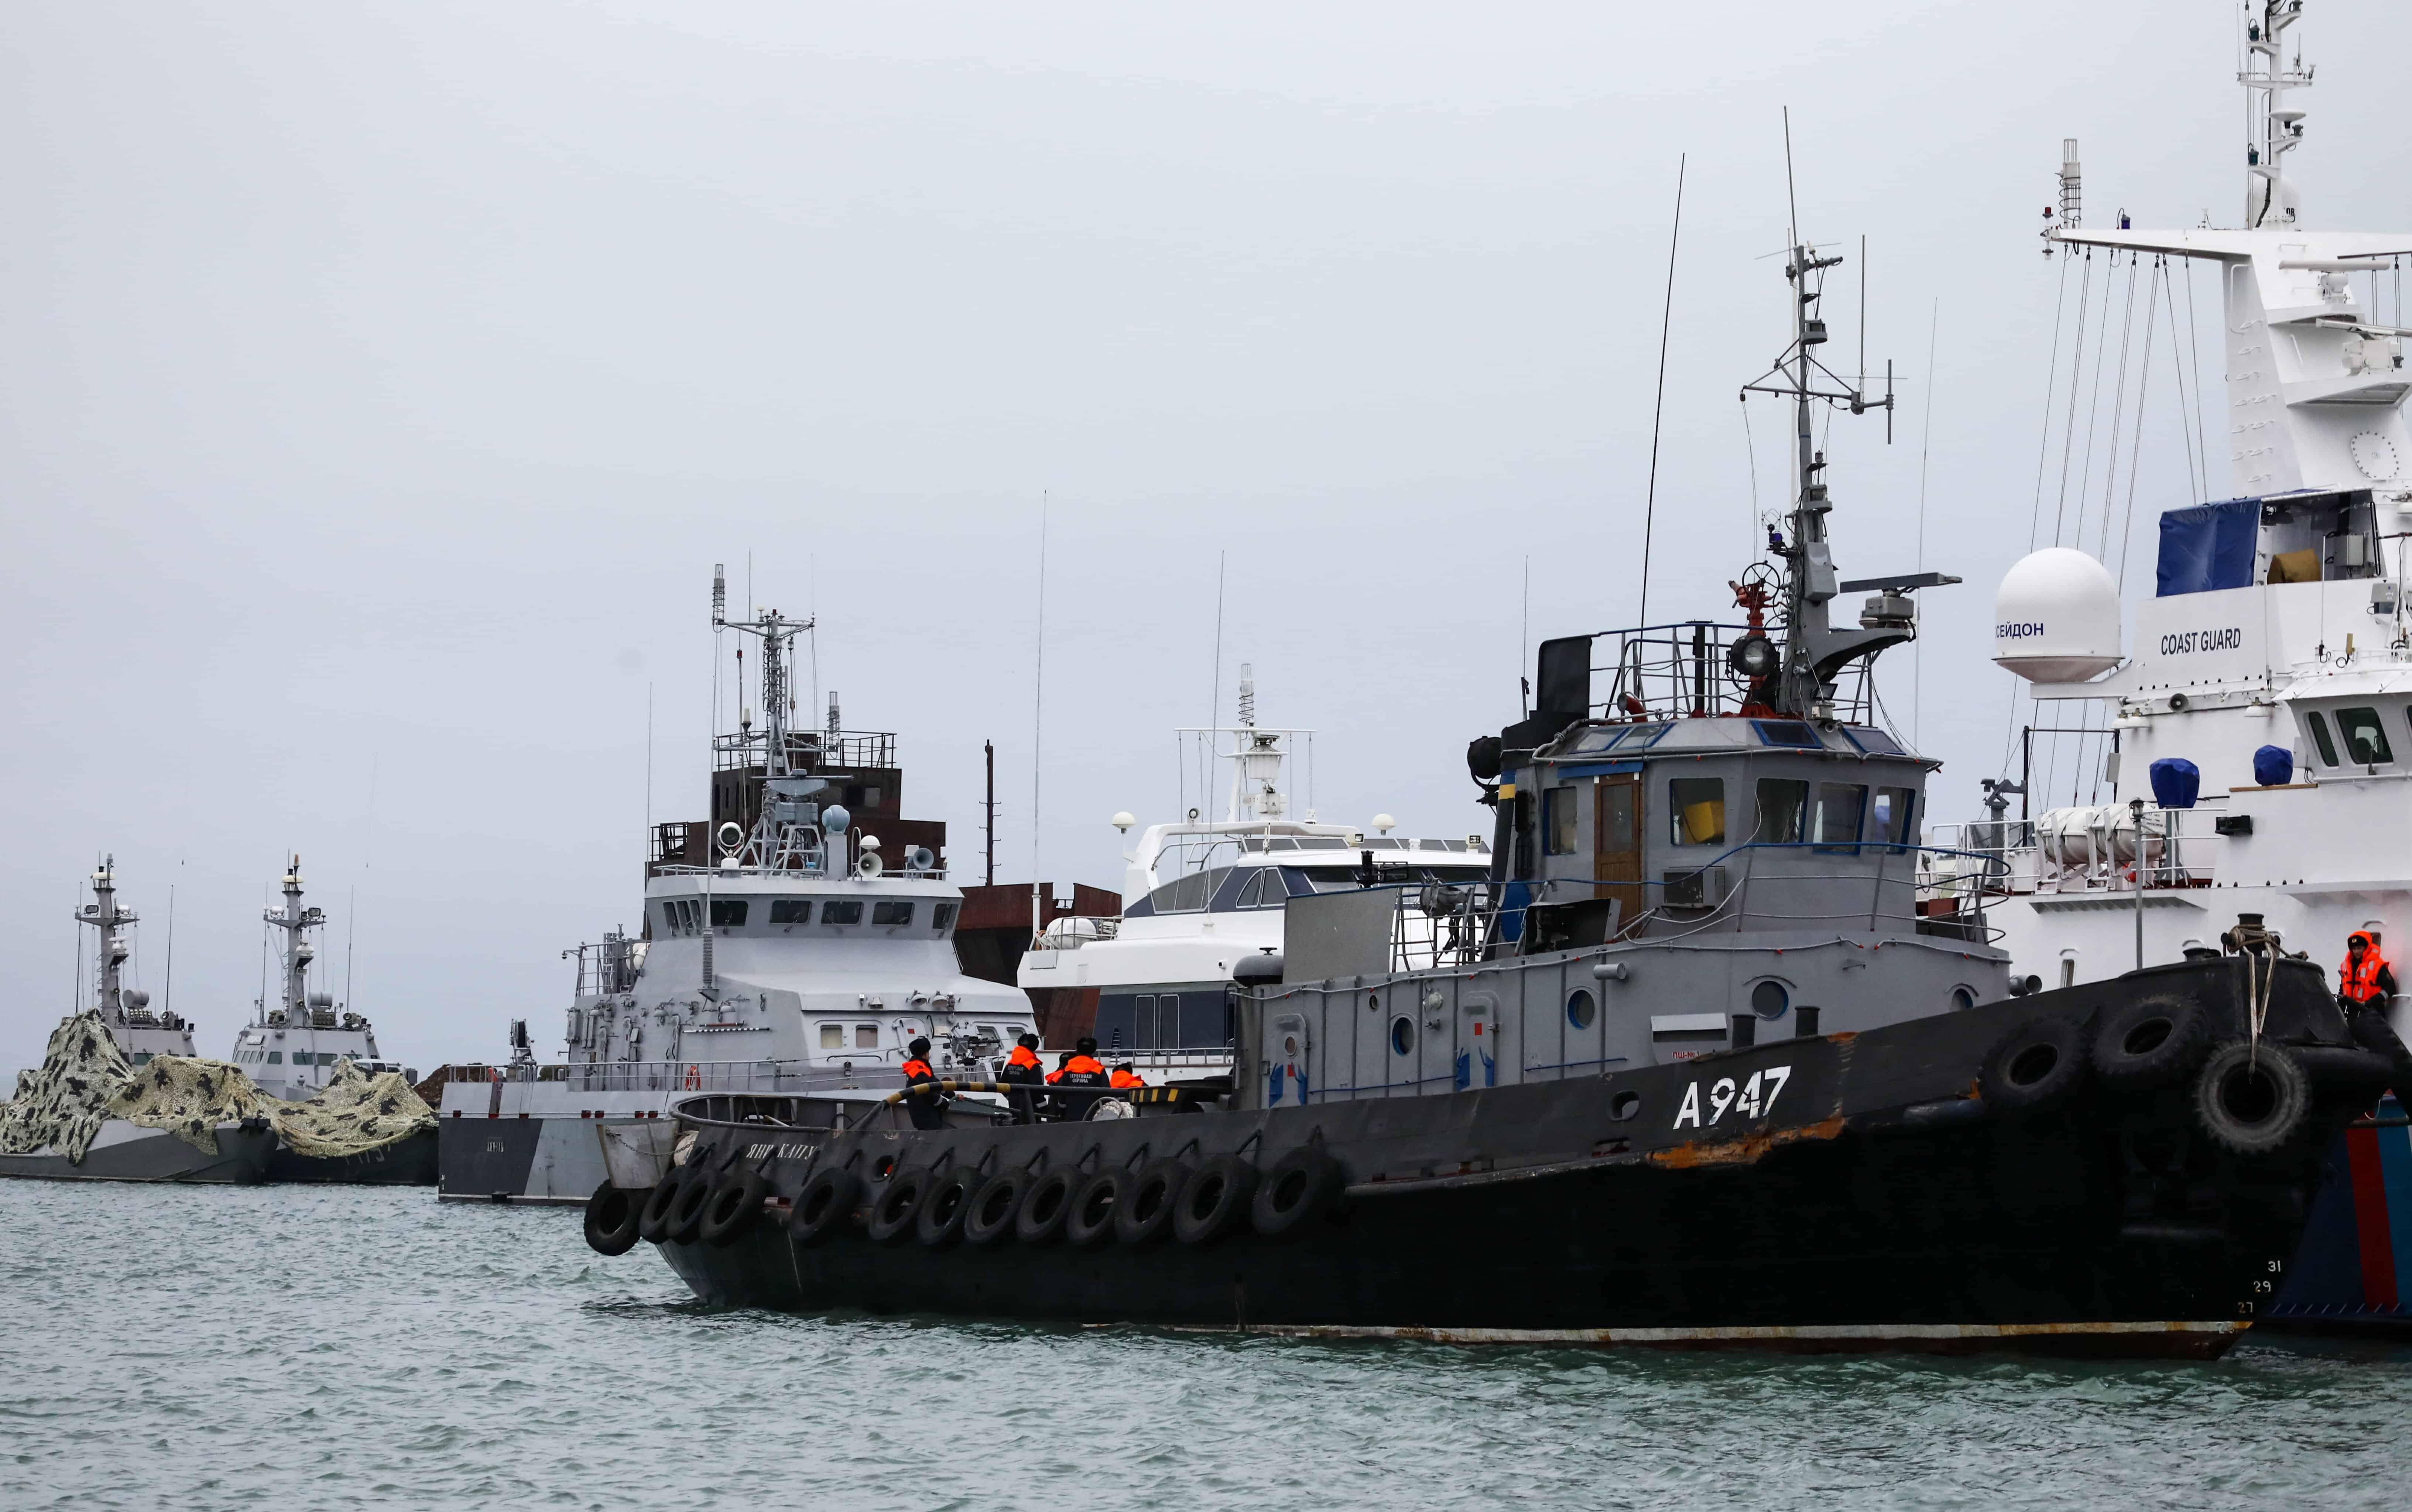 Передача задержанных кораблей Украине состоится 18 ноября